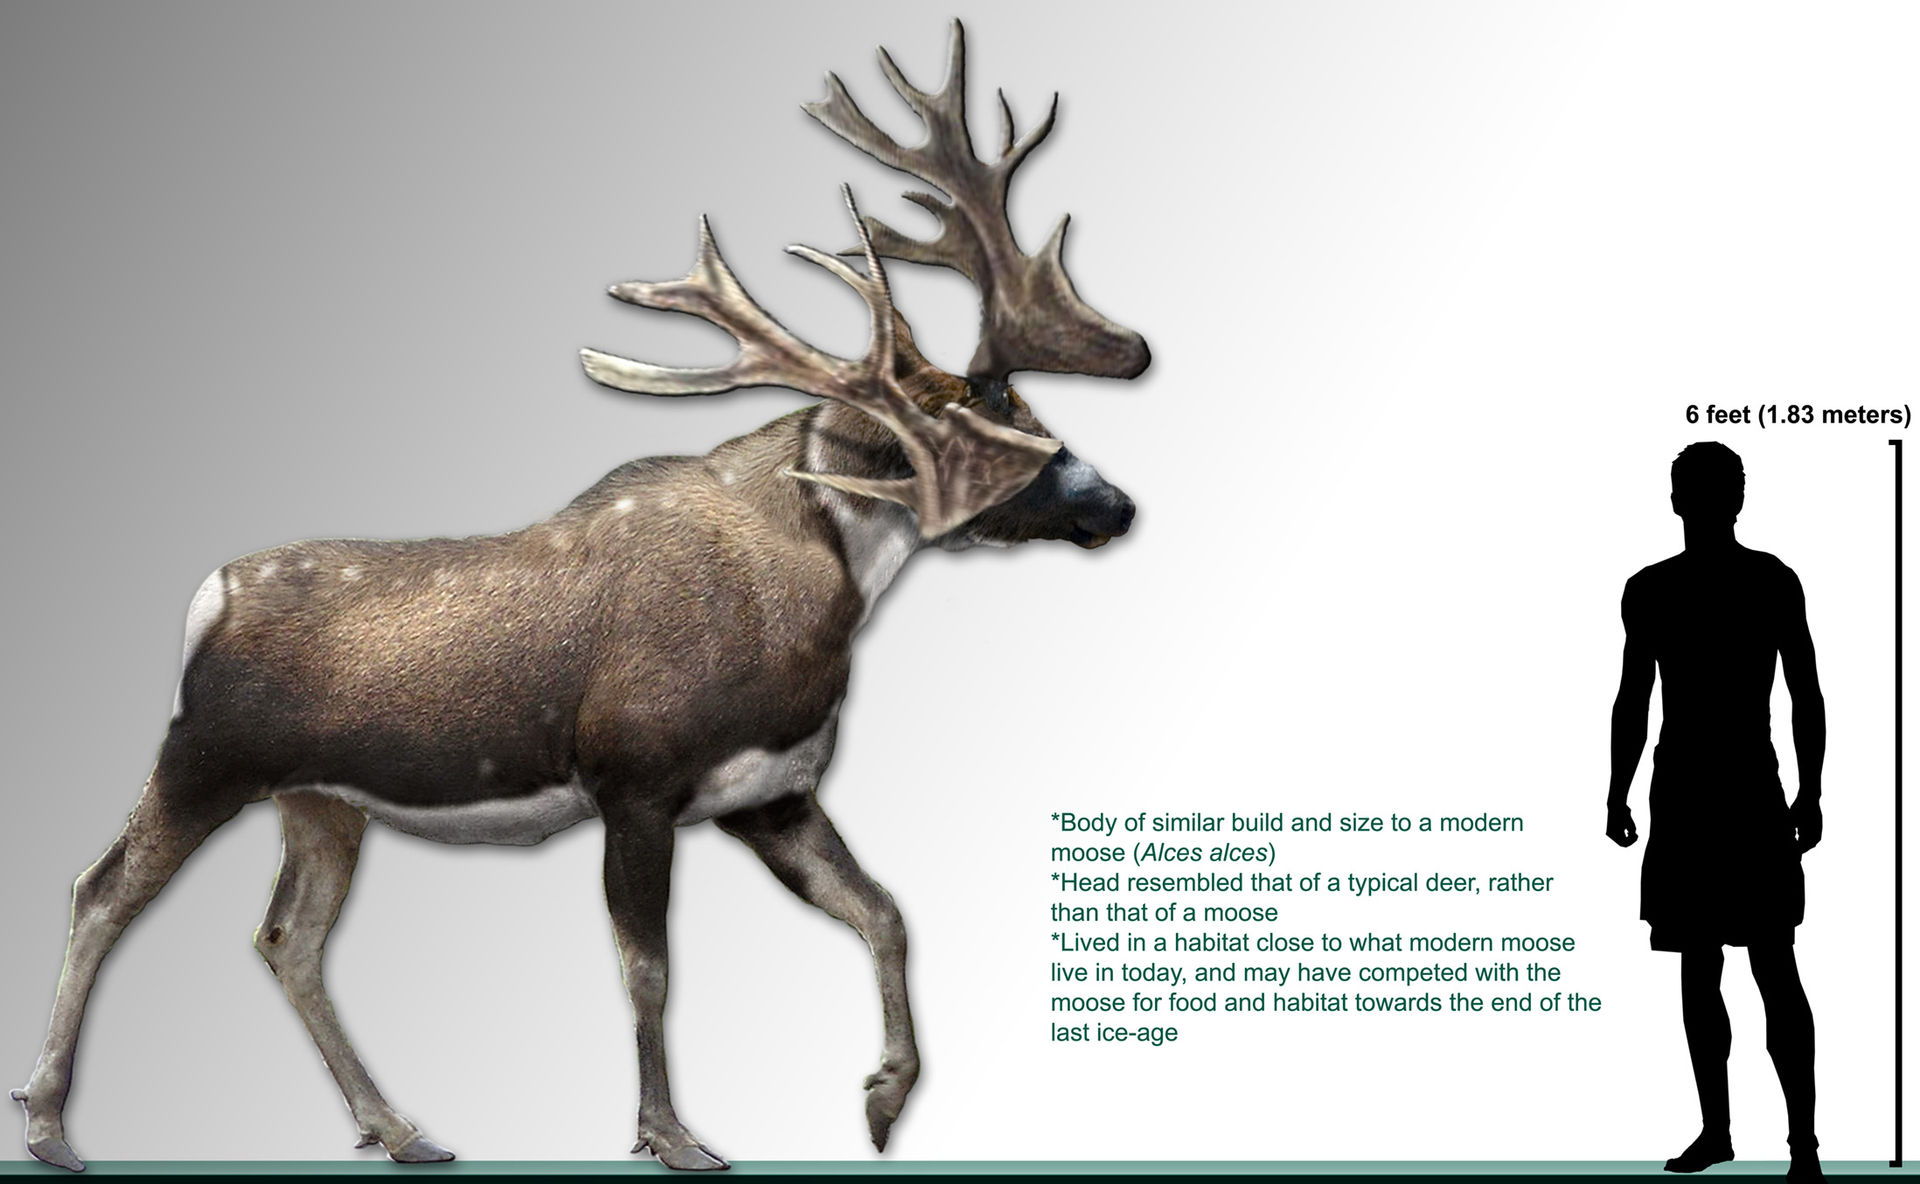 File:The male and female Irish elk (Cervus megaceros), now extinc ...